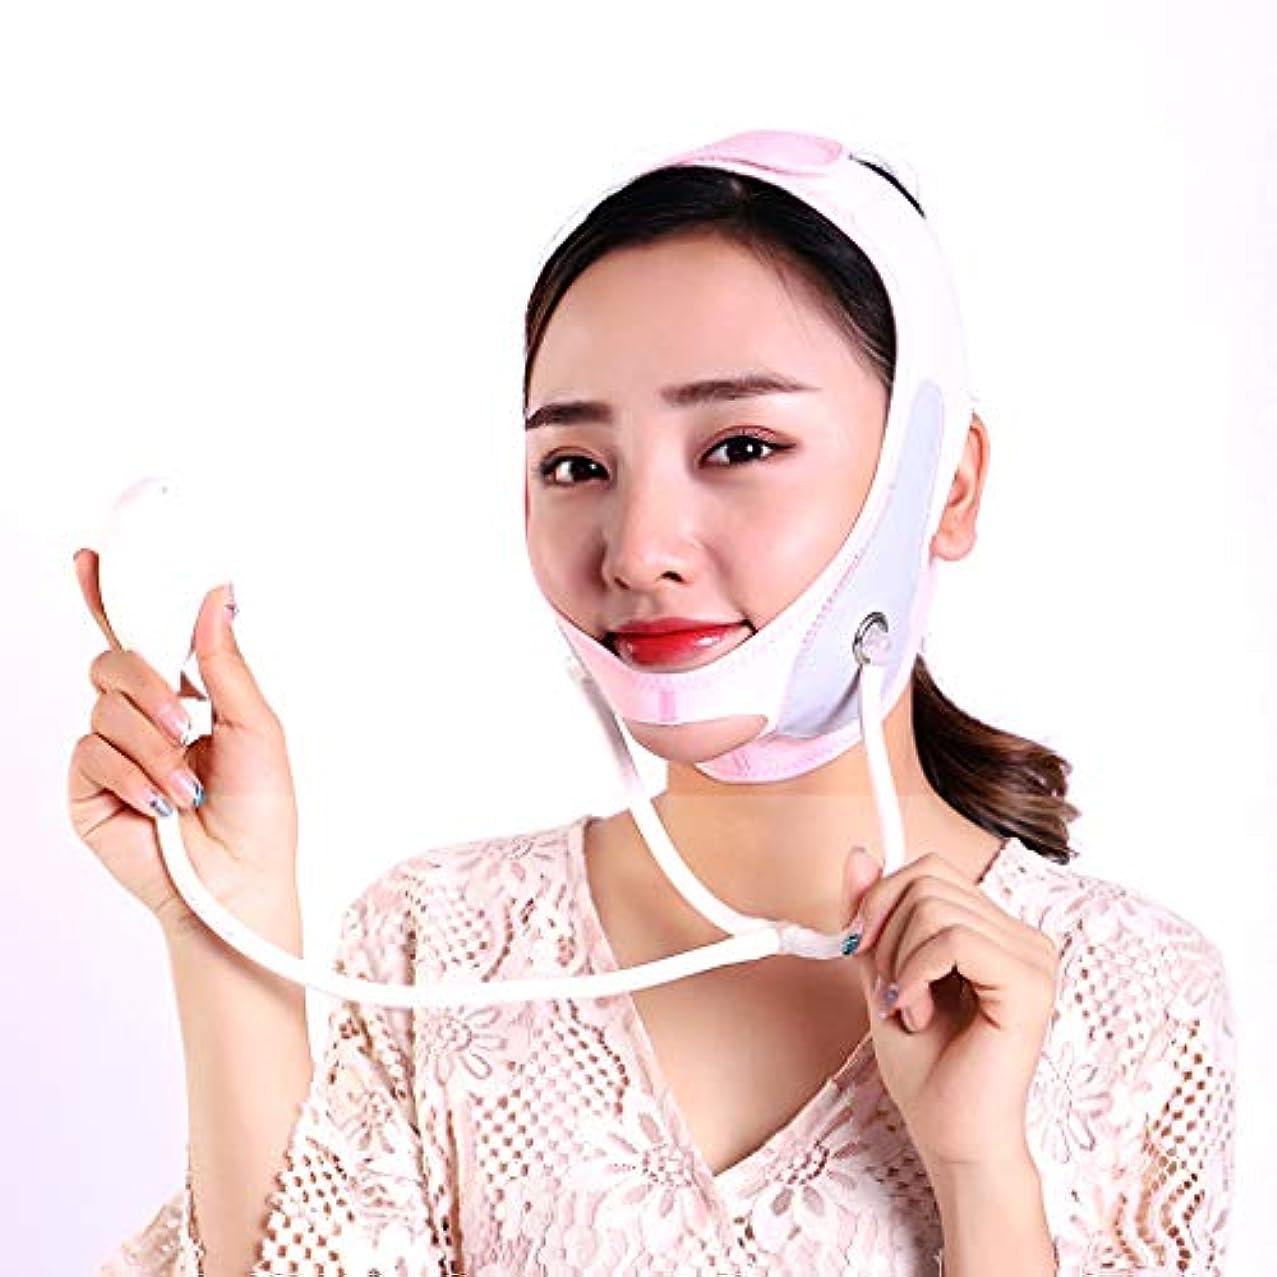 偏見にんじん区別する顔の減量フェイスマスク引き締め皮膚改善咬筋リフティング収縮薄い顔弾性包帯 V 顔アーティファクト